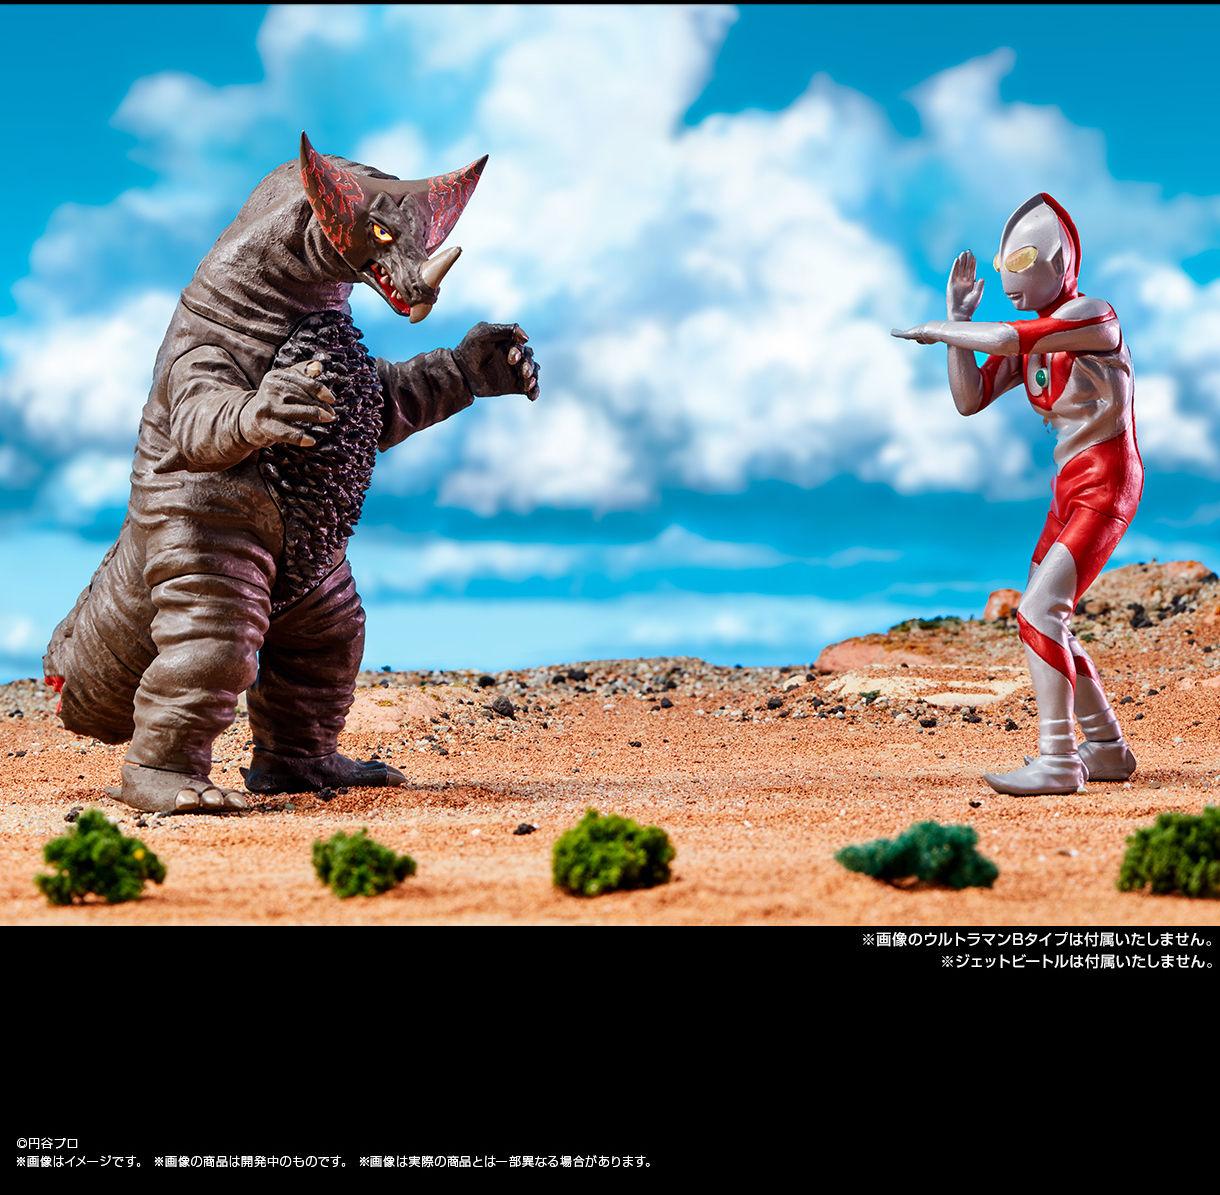 【限定販売】アルティメットルミナス『ゴモラ』完成品フィギュア-005